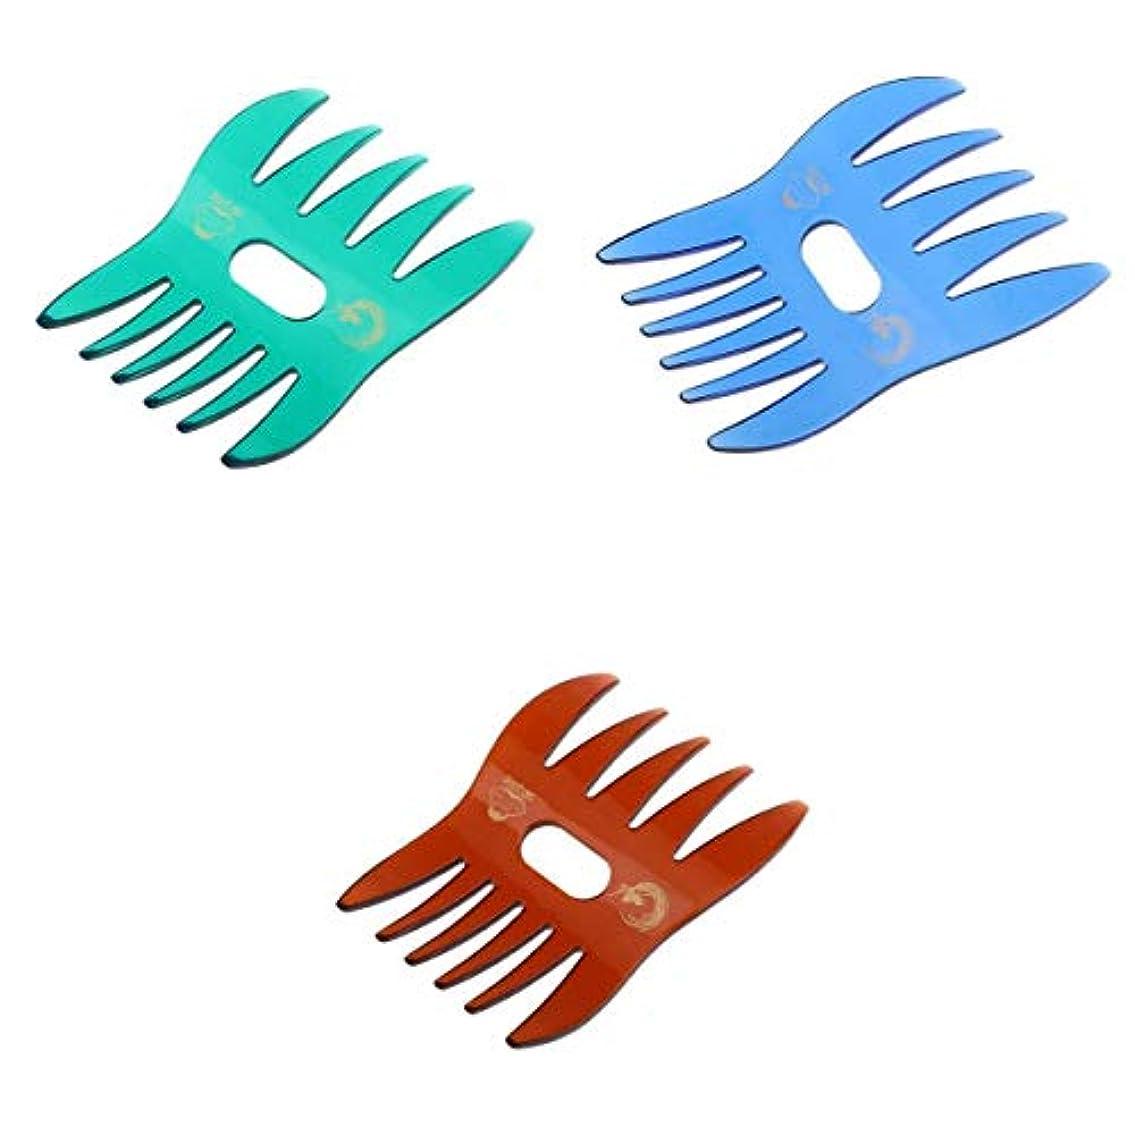 フィルタ虫車両櫛 ヘアコーム コーム ヘア櫛 静電気防止 粗歯 頭皮マッサージ オイルヘアスタイル